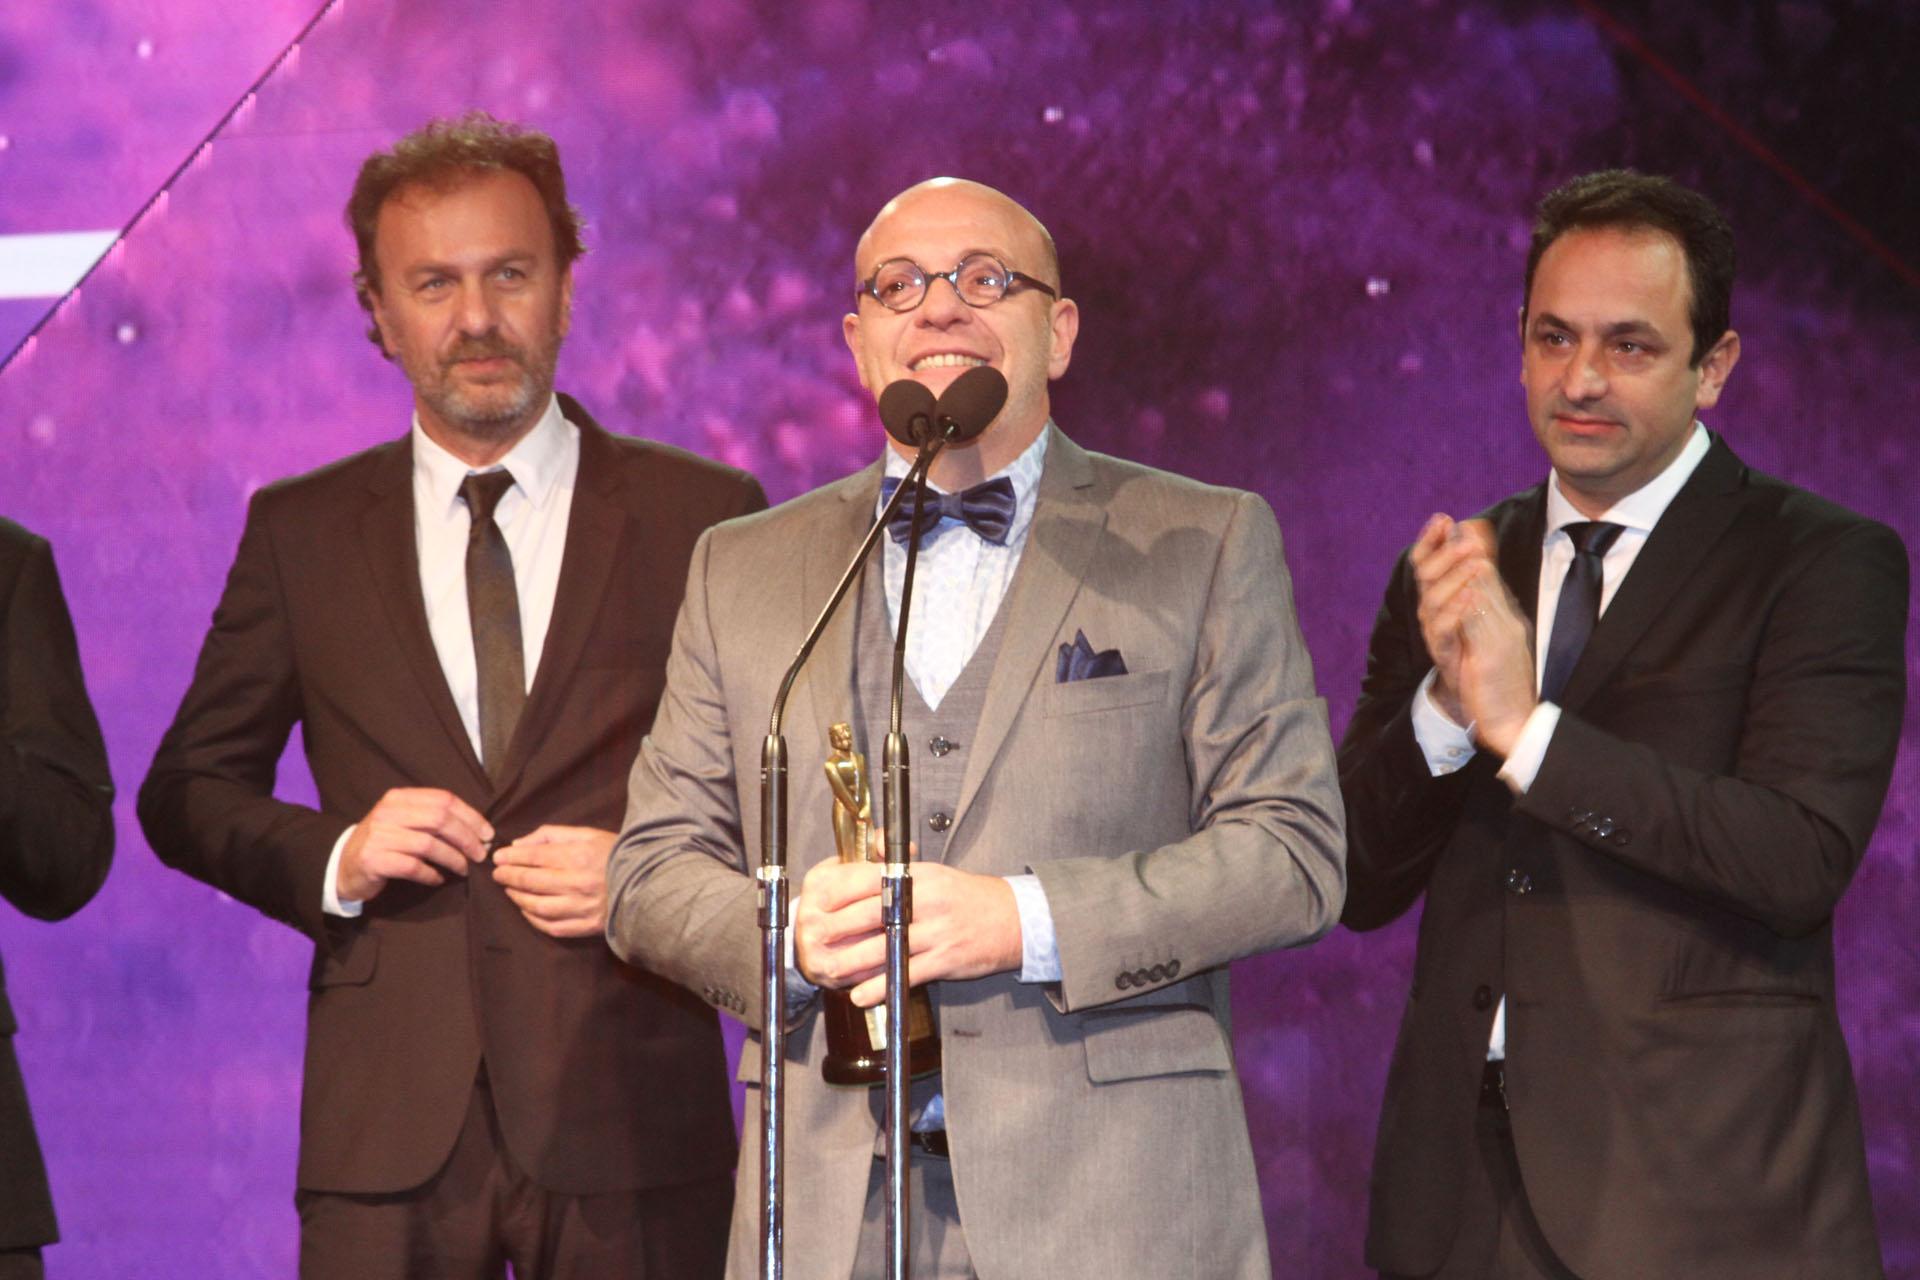 Campi recibió el premio a Noti Campi junto a los productores Alejandro Korol y Raúl Slonimsky